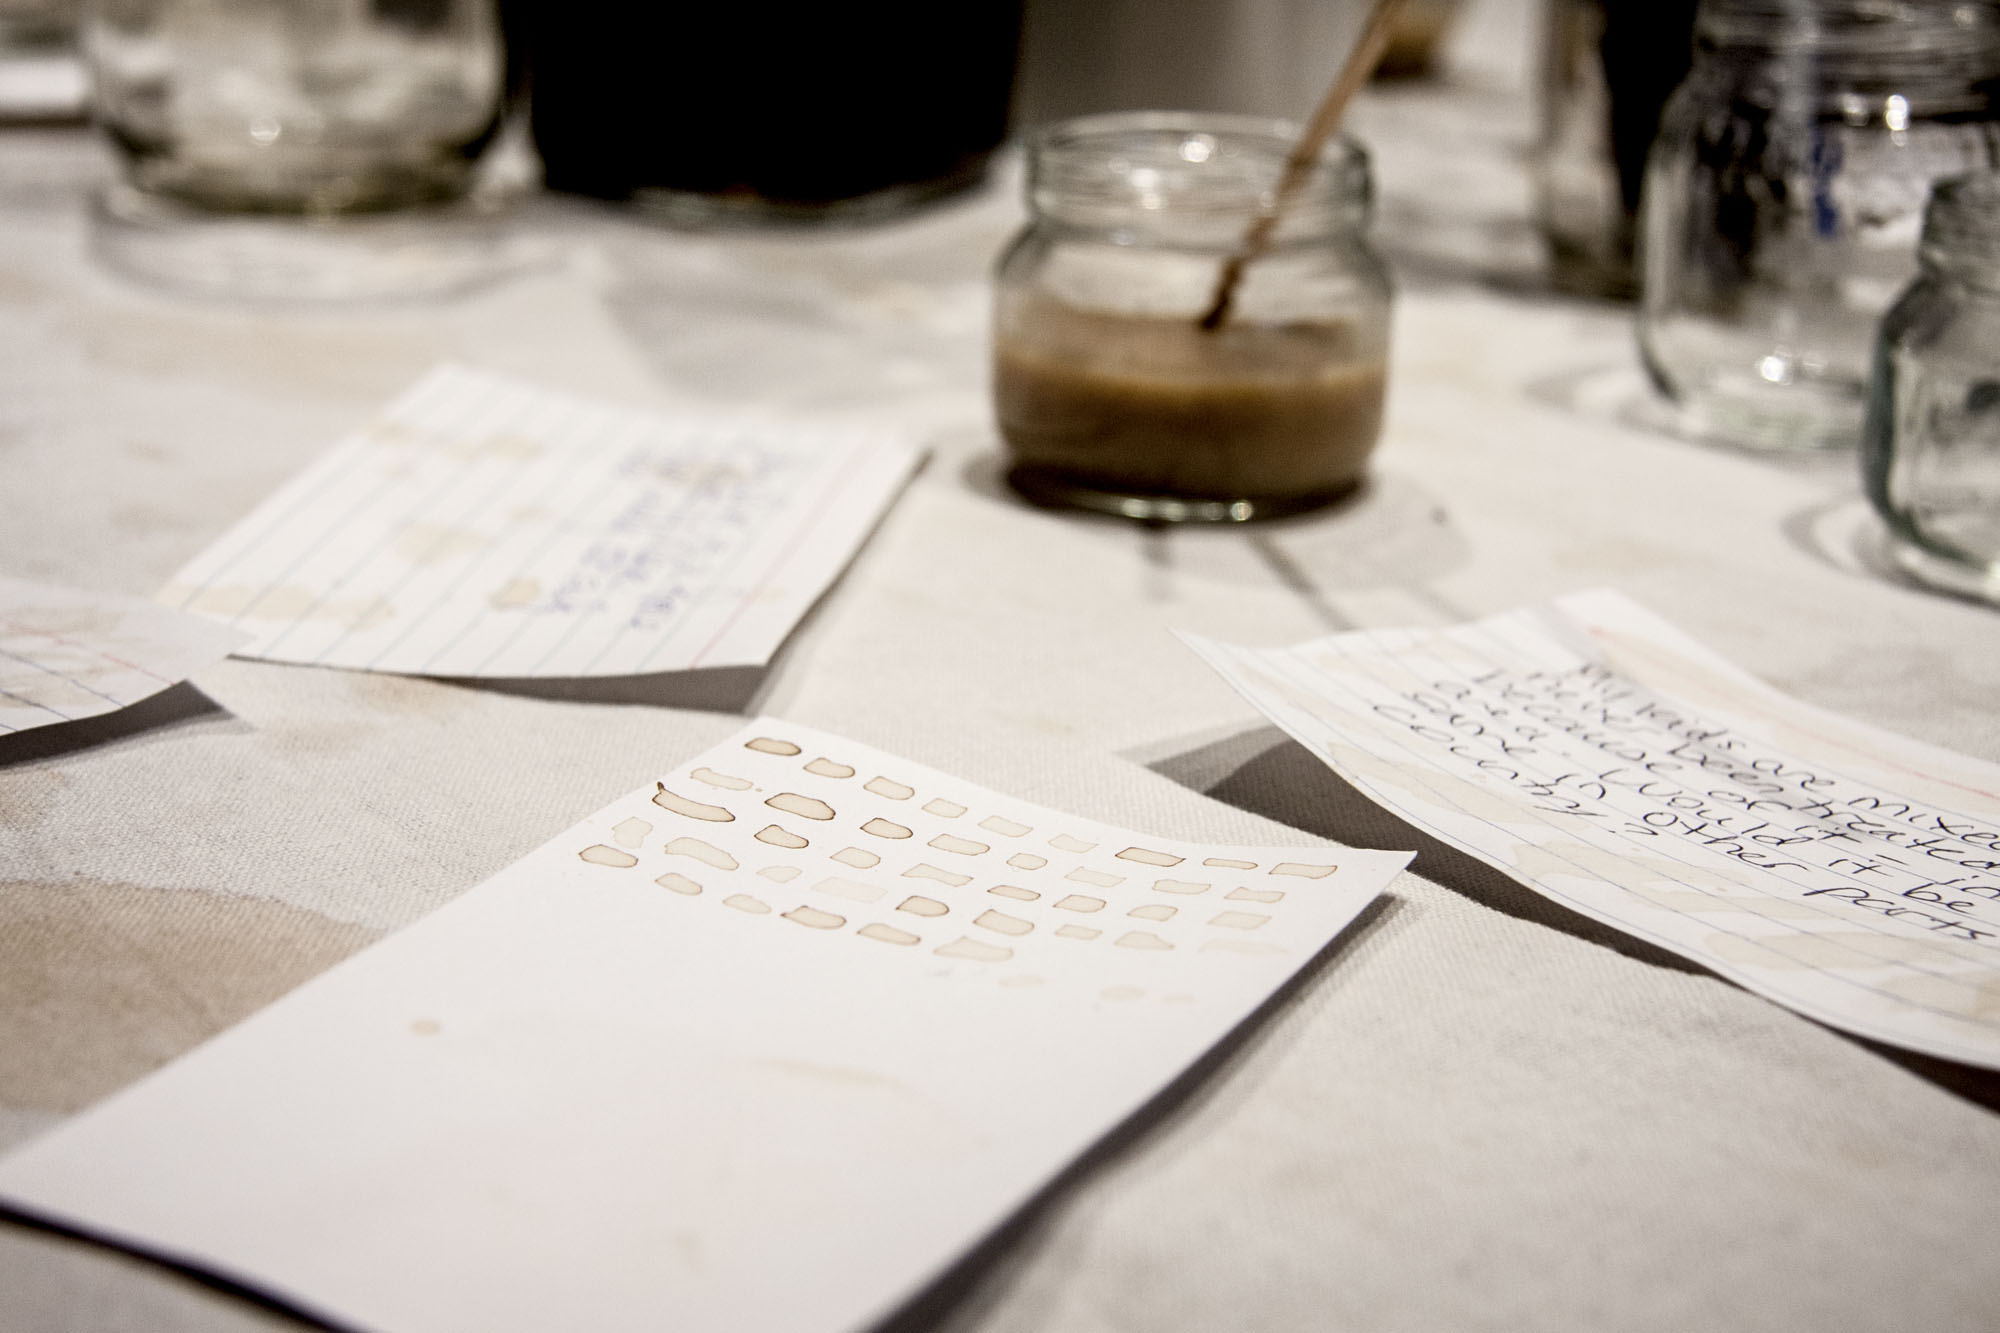 Café con Leche Conversation Residues, detail